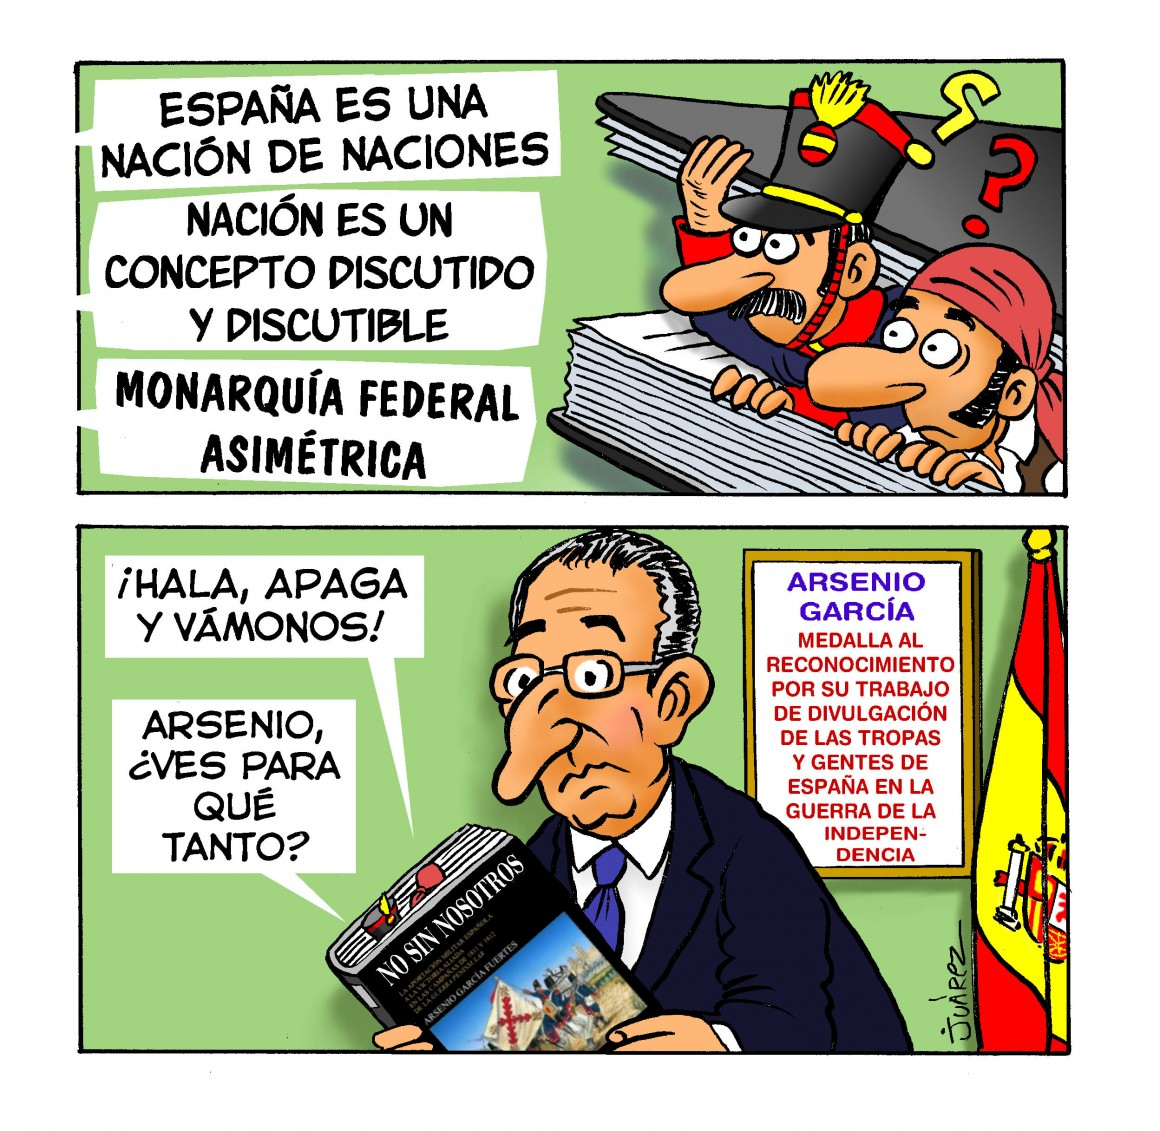 La noche ancha: El marxismo y la cuestión nacional española